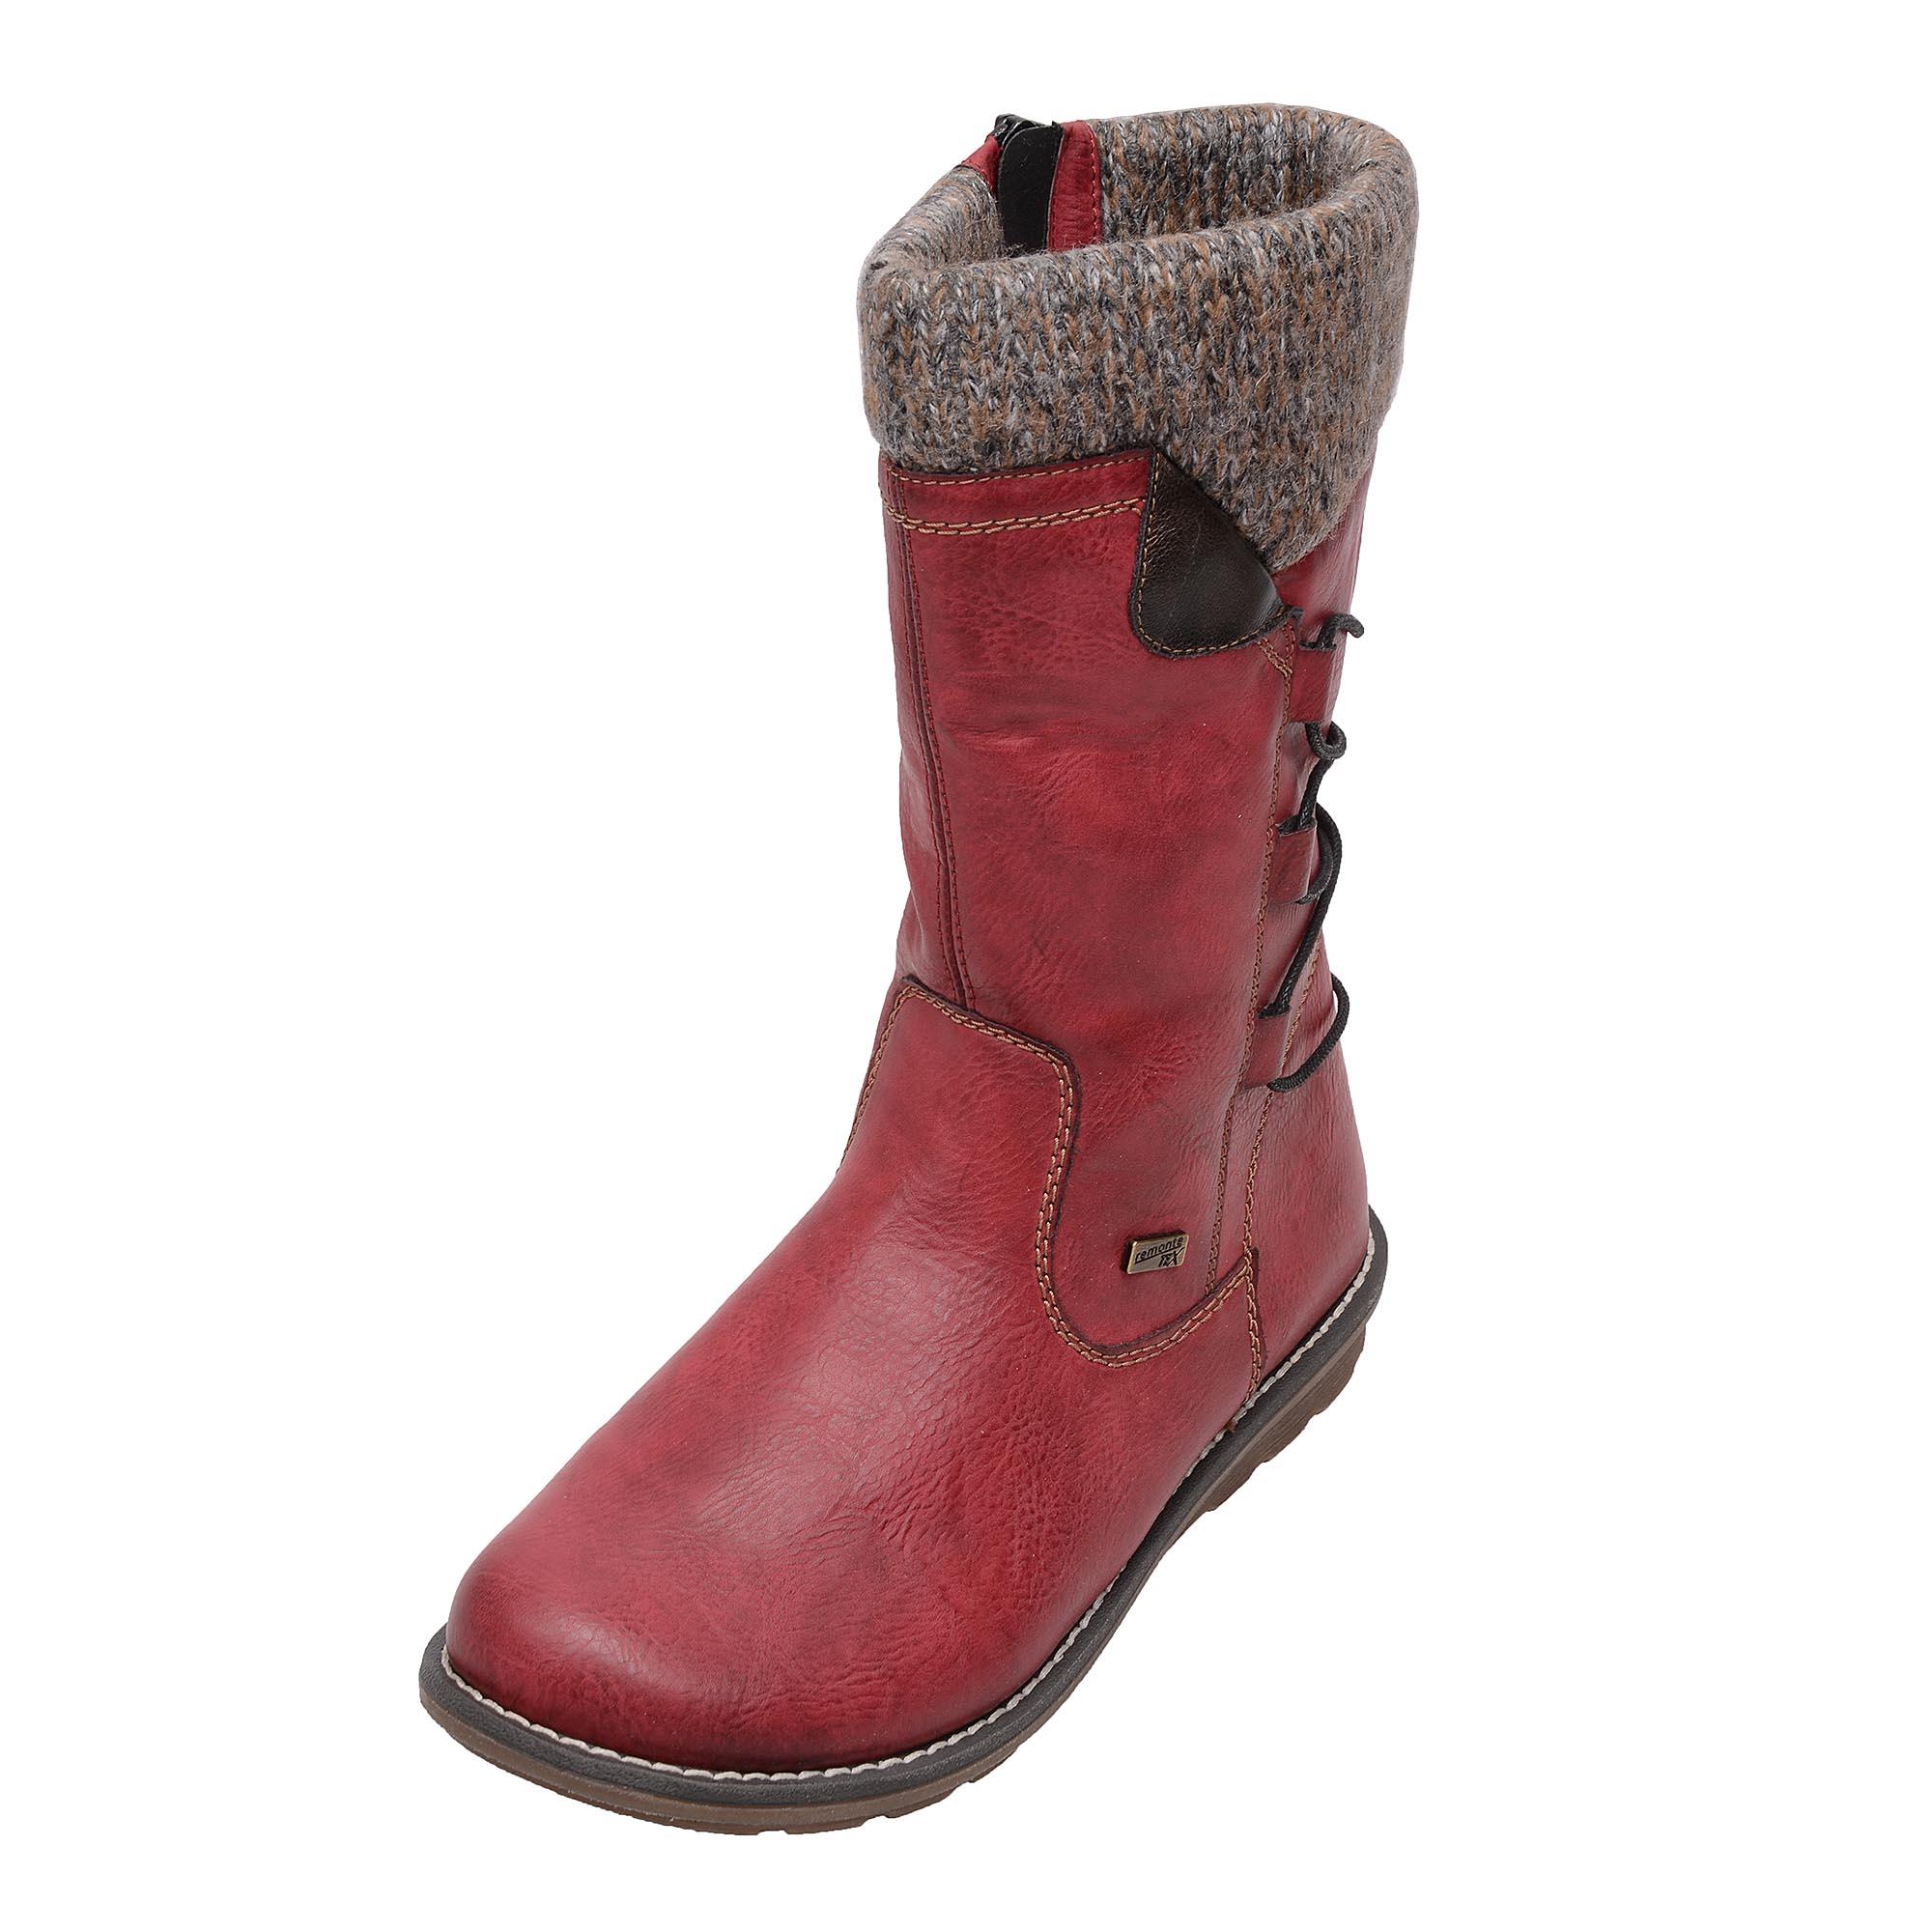 2051ea723f9d detail Dámská obuv RIEKER - REMONTE br R1094 35 ROT KOMBI H